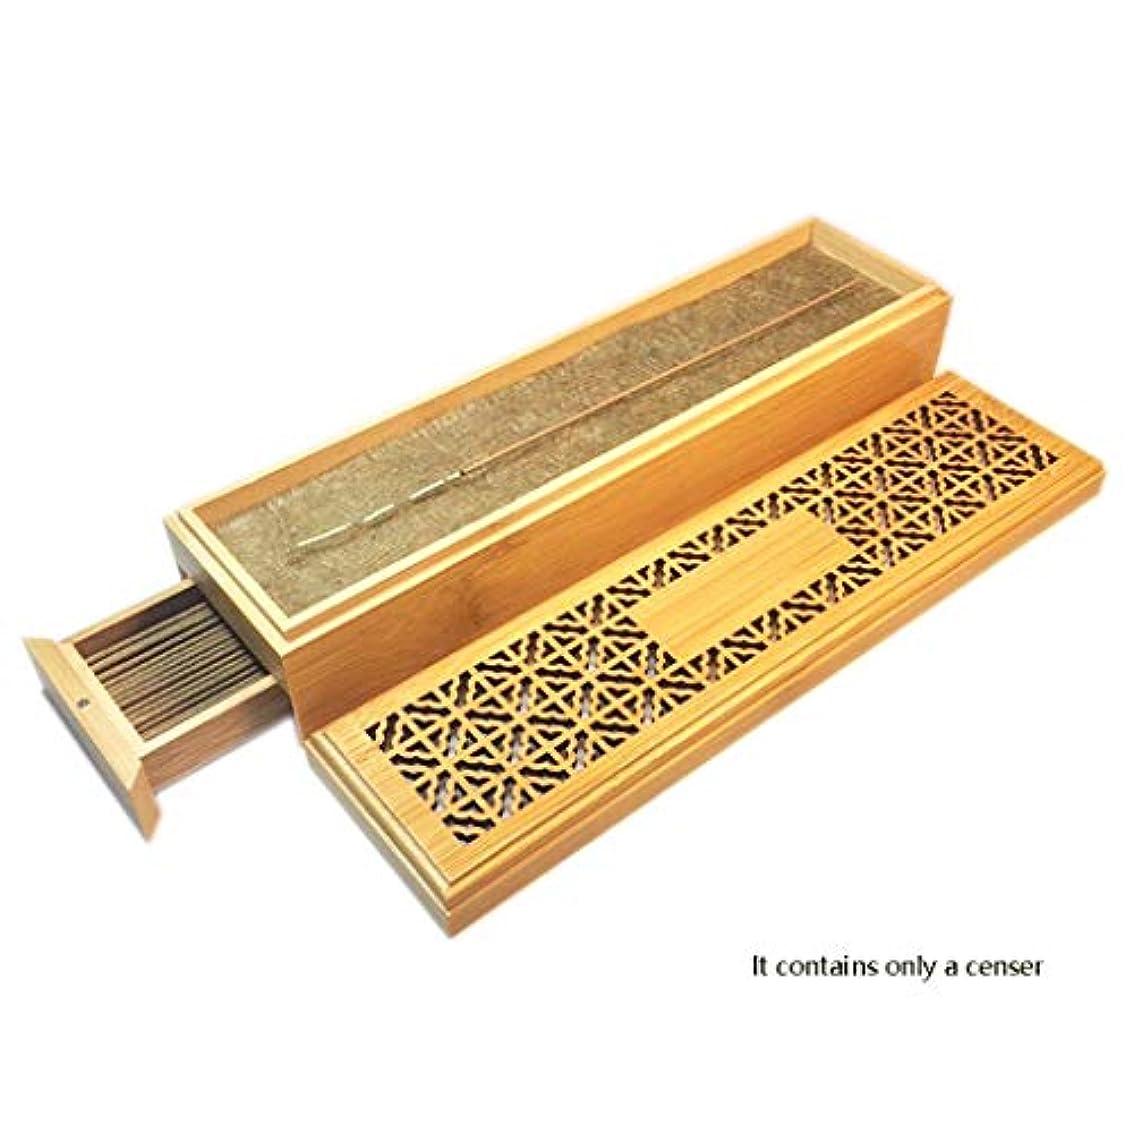 水星近代化する消毒剤ホームアロマバーナー 竹製お香バーナー引き出し付スティック収納ボックス中空木製ケースボックスIncensoスティックホルダー 芳香器アロマバーナー (Color : Natural)